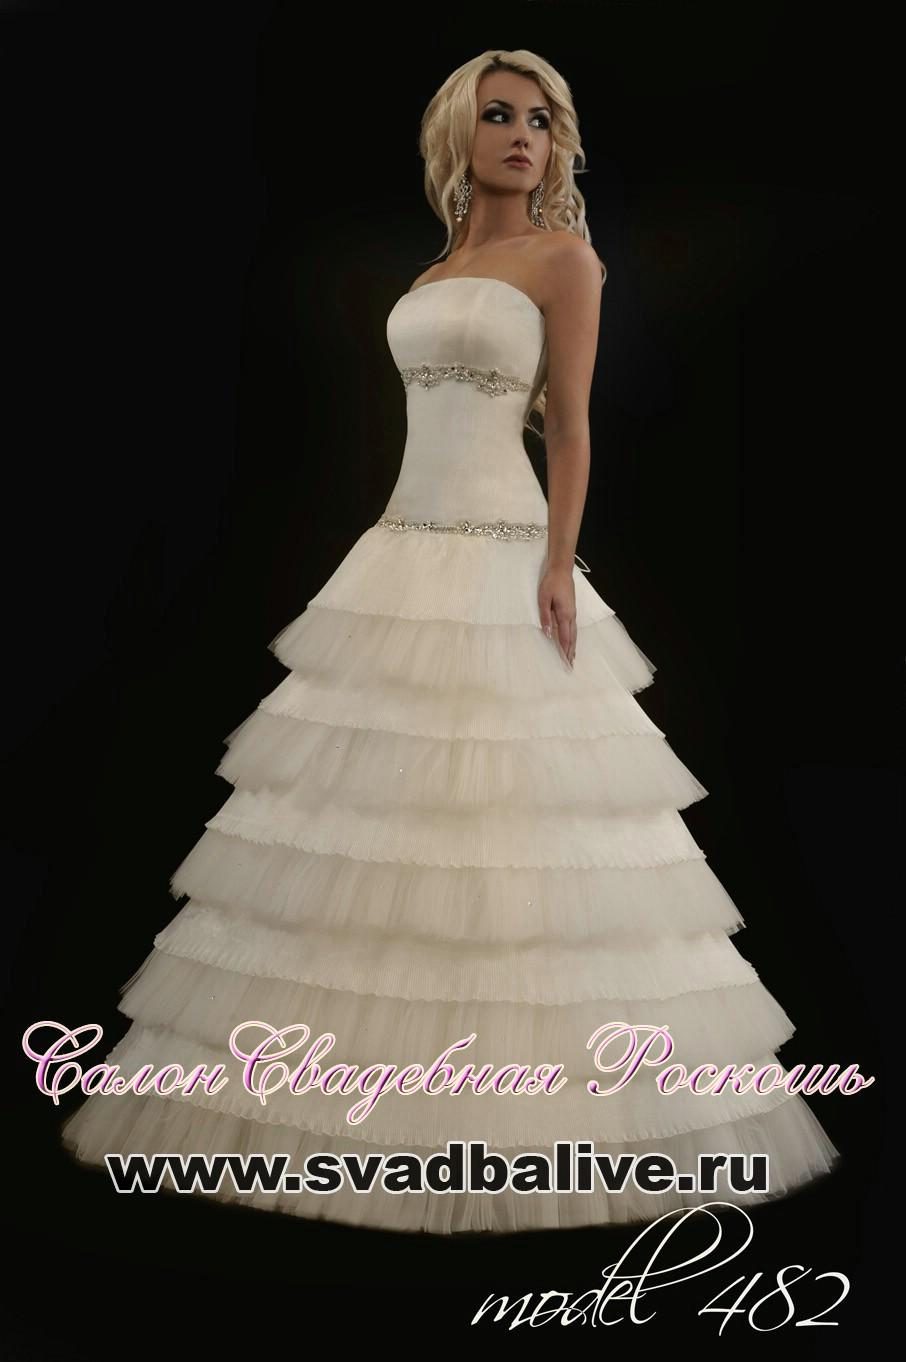 Свадебные платья в аренду екатеринбург 12